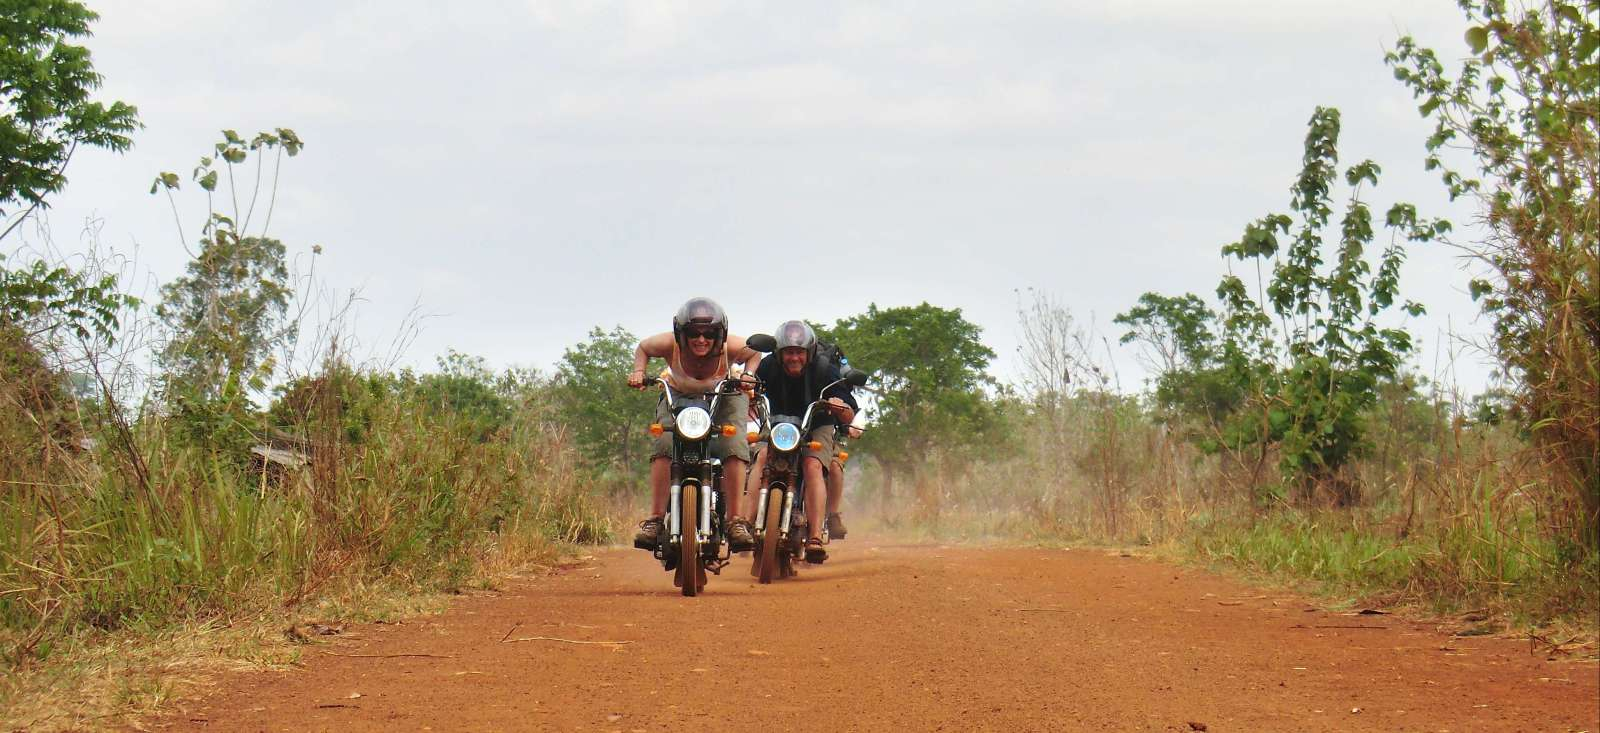 Voyage à moto : Au pays des Nanas Benz à mobylette